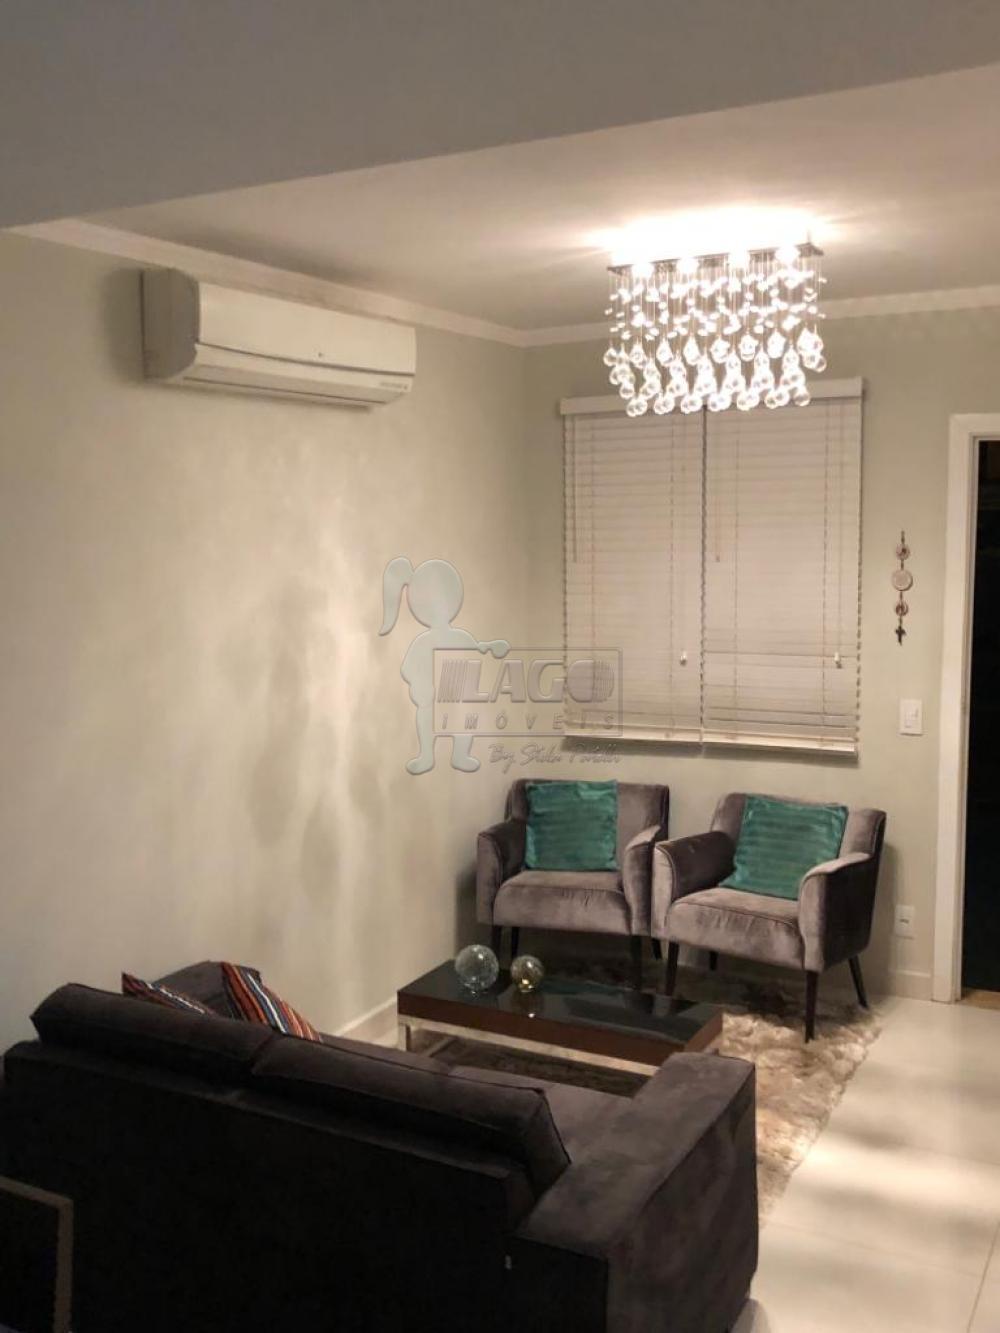 Comprar Casas / Condomínio em Ribeirão Preto apenas R$ 455.000,00 - Foto 5